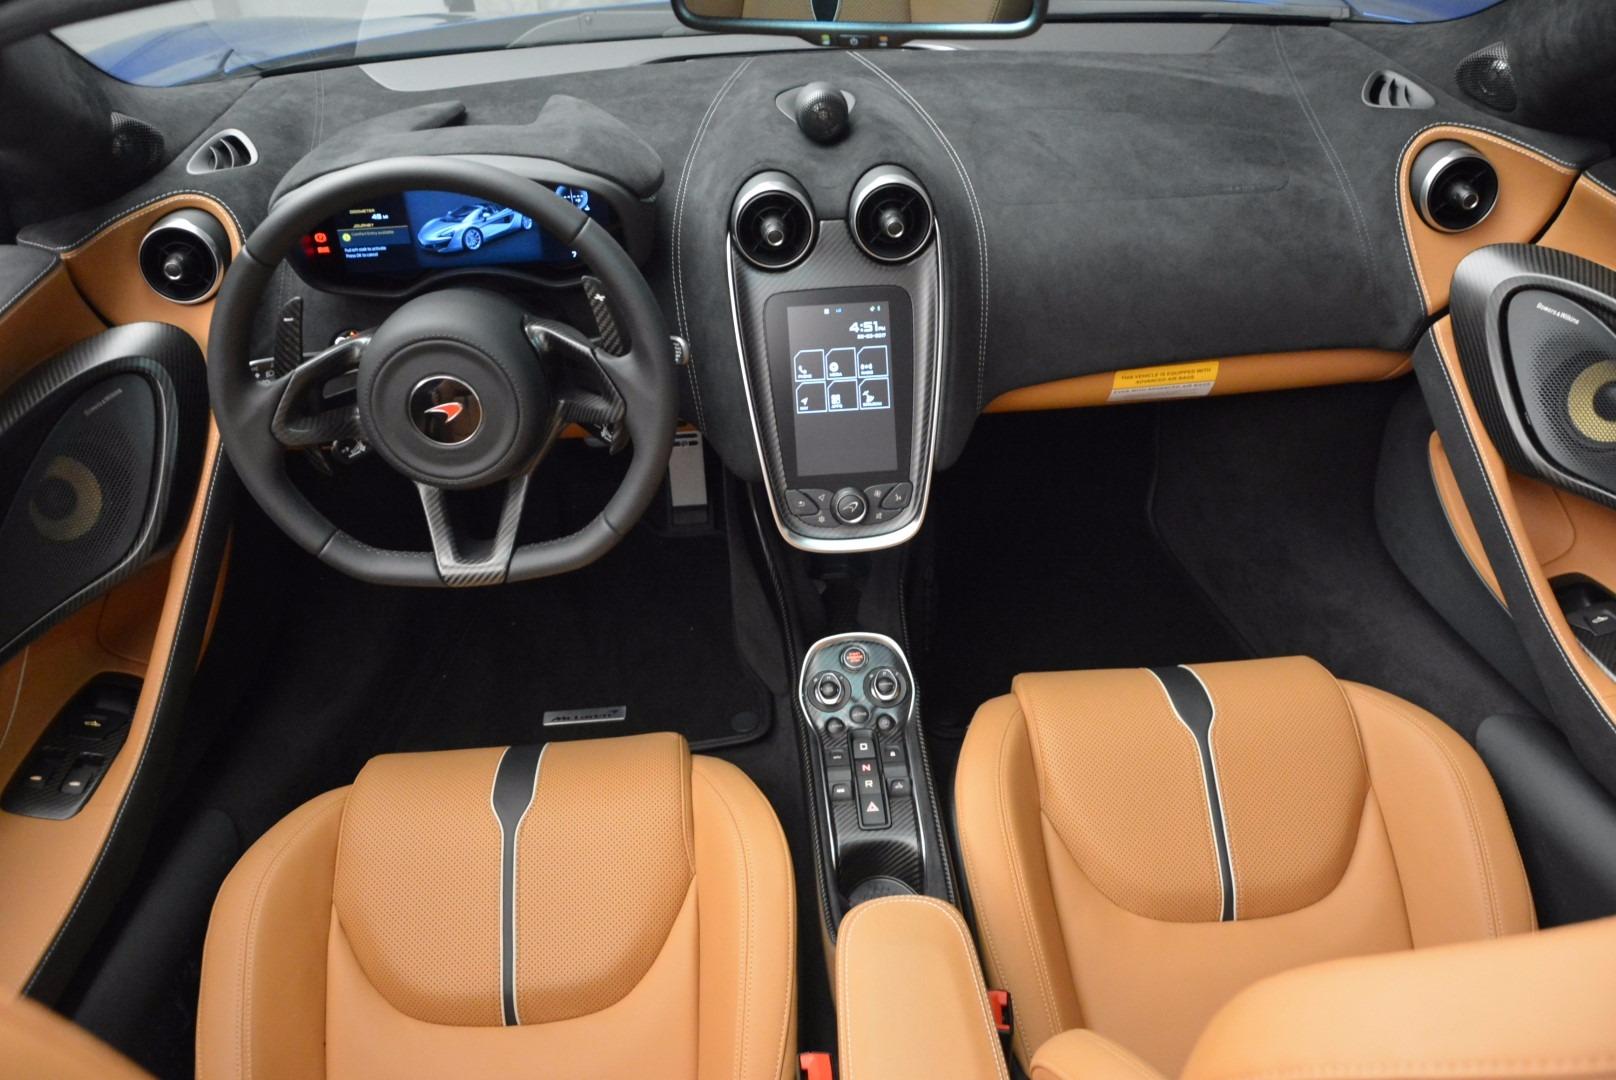 Used 2018 McLaren 570S Spider For Sale In Westport, CT 1303_p28